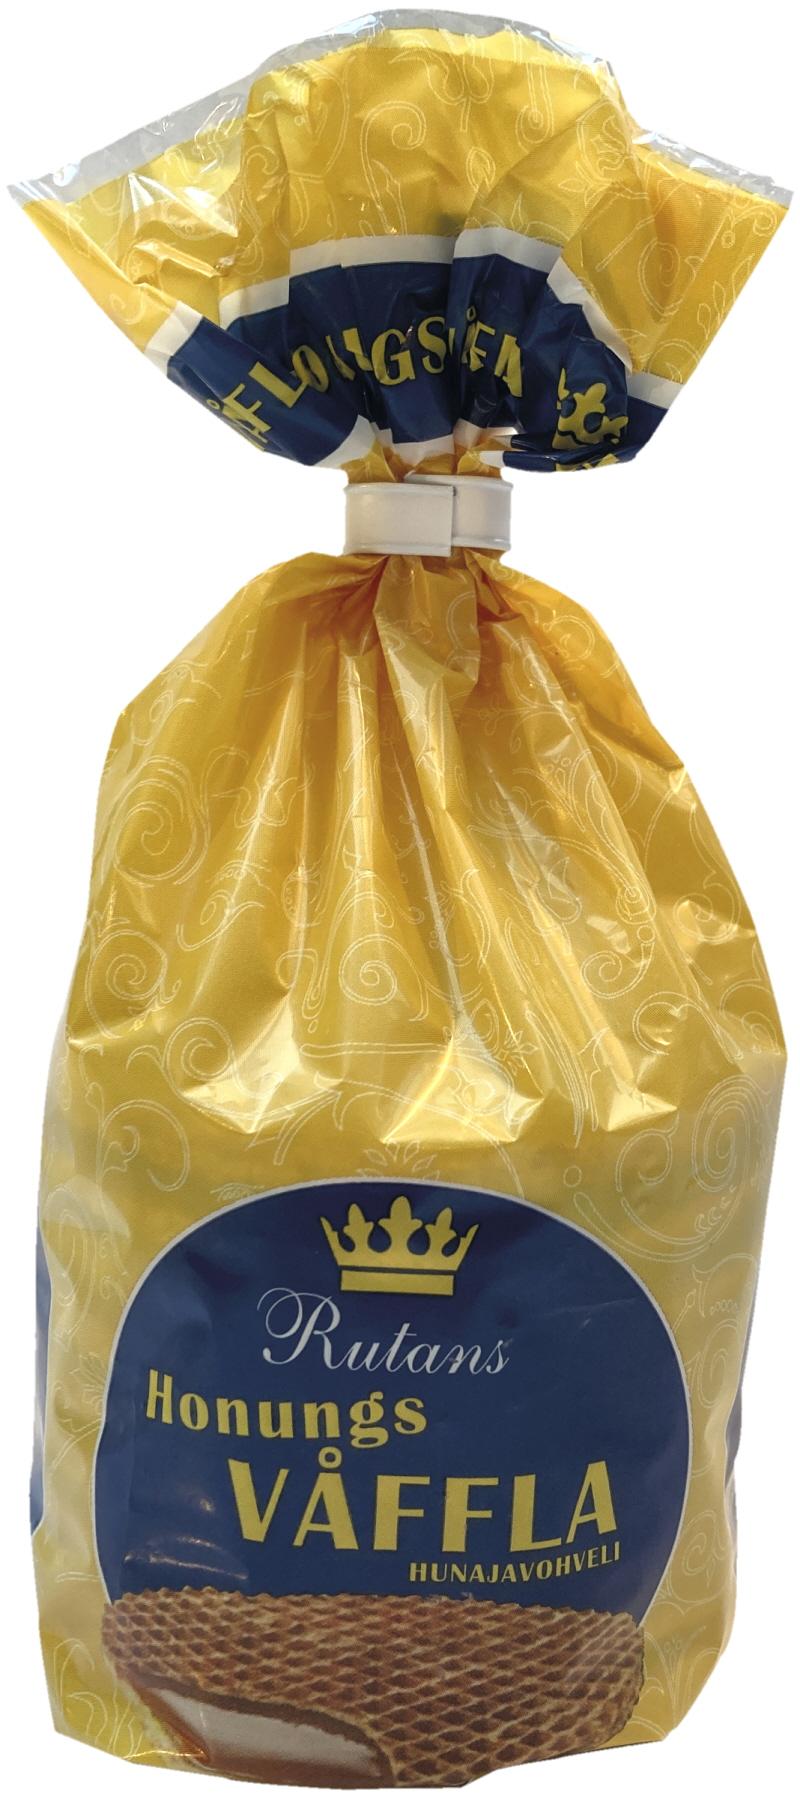 Honungkex - 39% rabatt